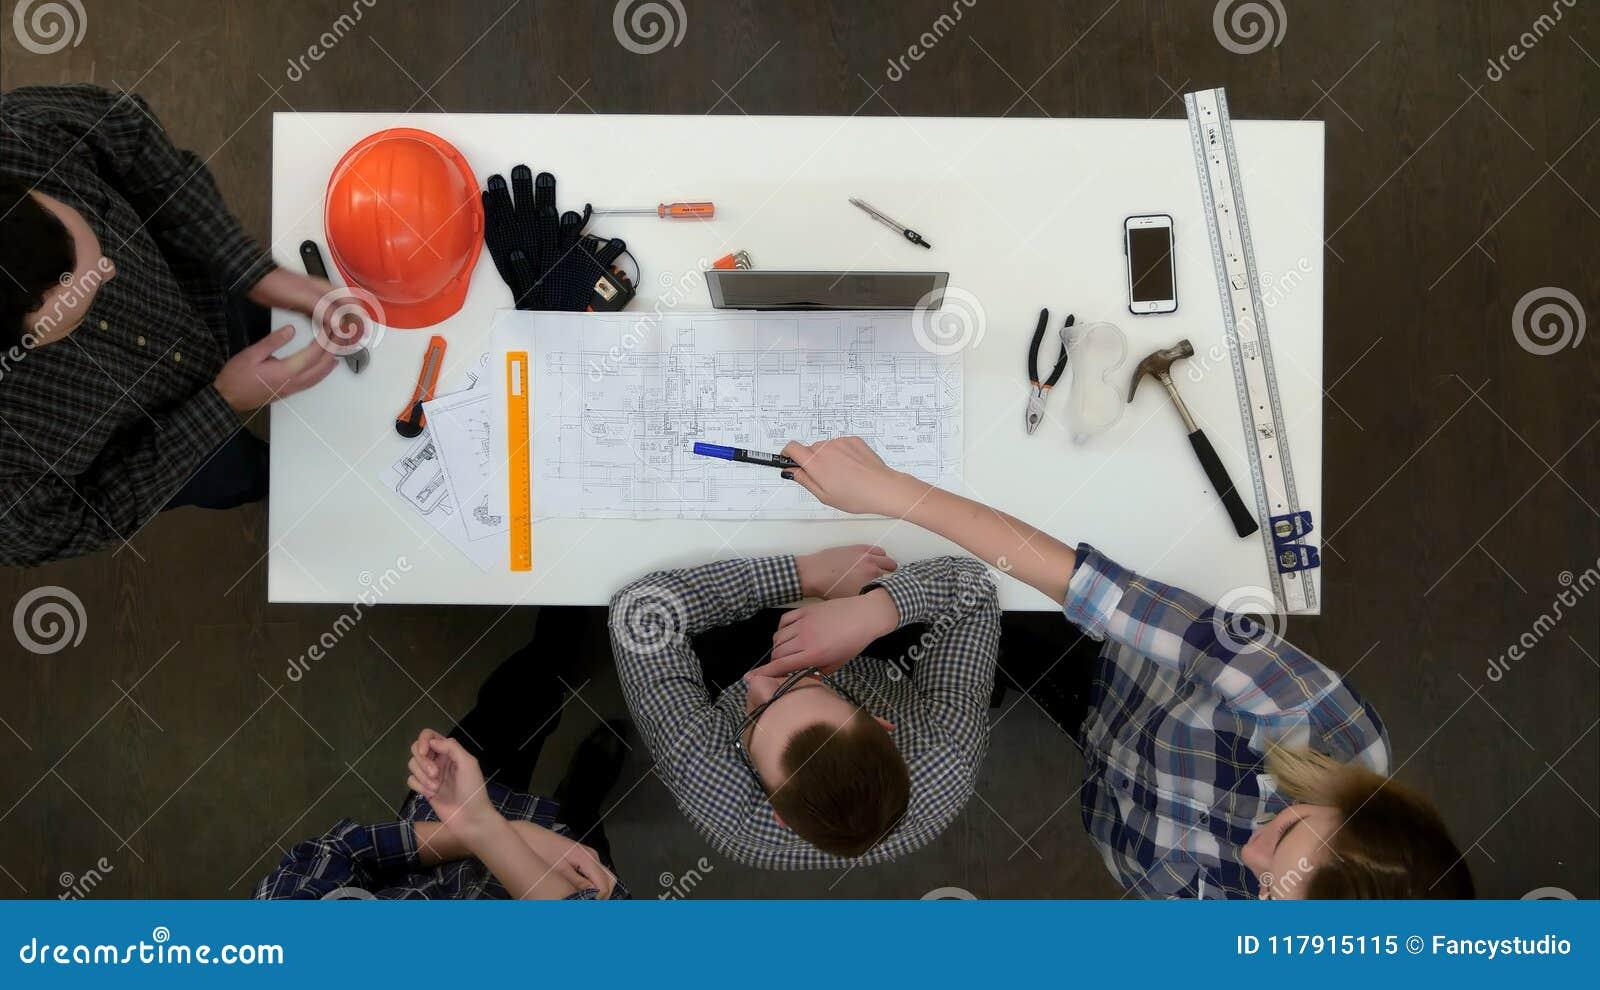 Grupp av unga arkitekter som arbetar på teckningar och gör mätningar med linjalen och avdelaren